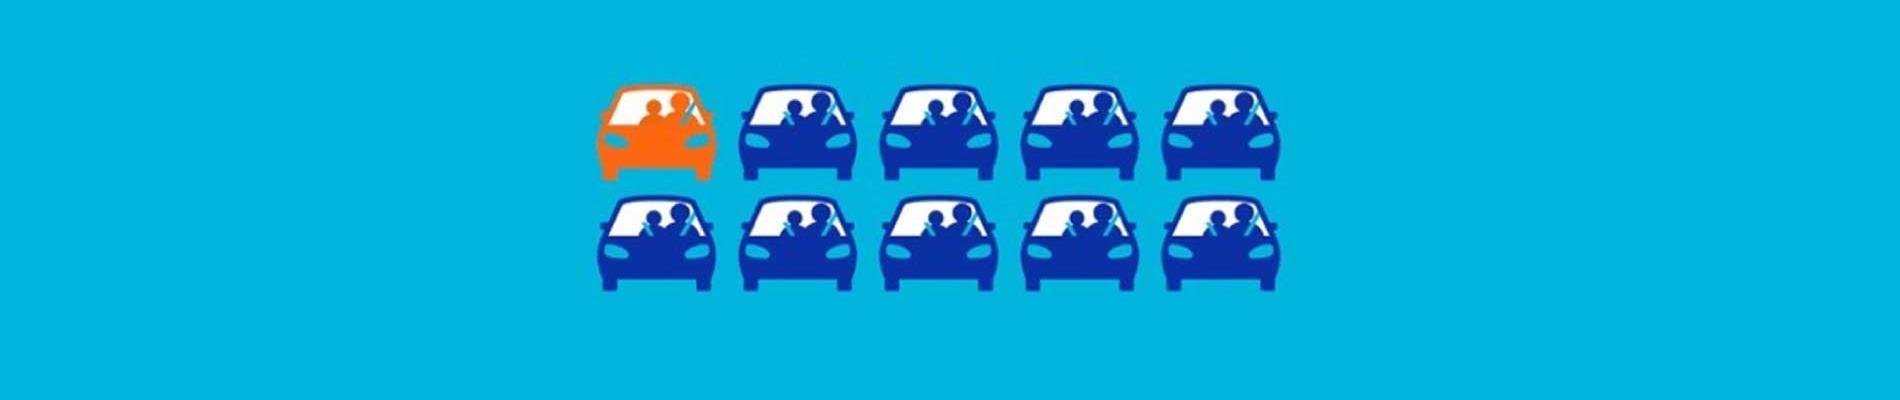 Etude exclusive : Le comportement des parents au volant en présence de leur enfant